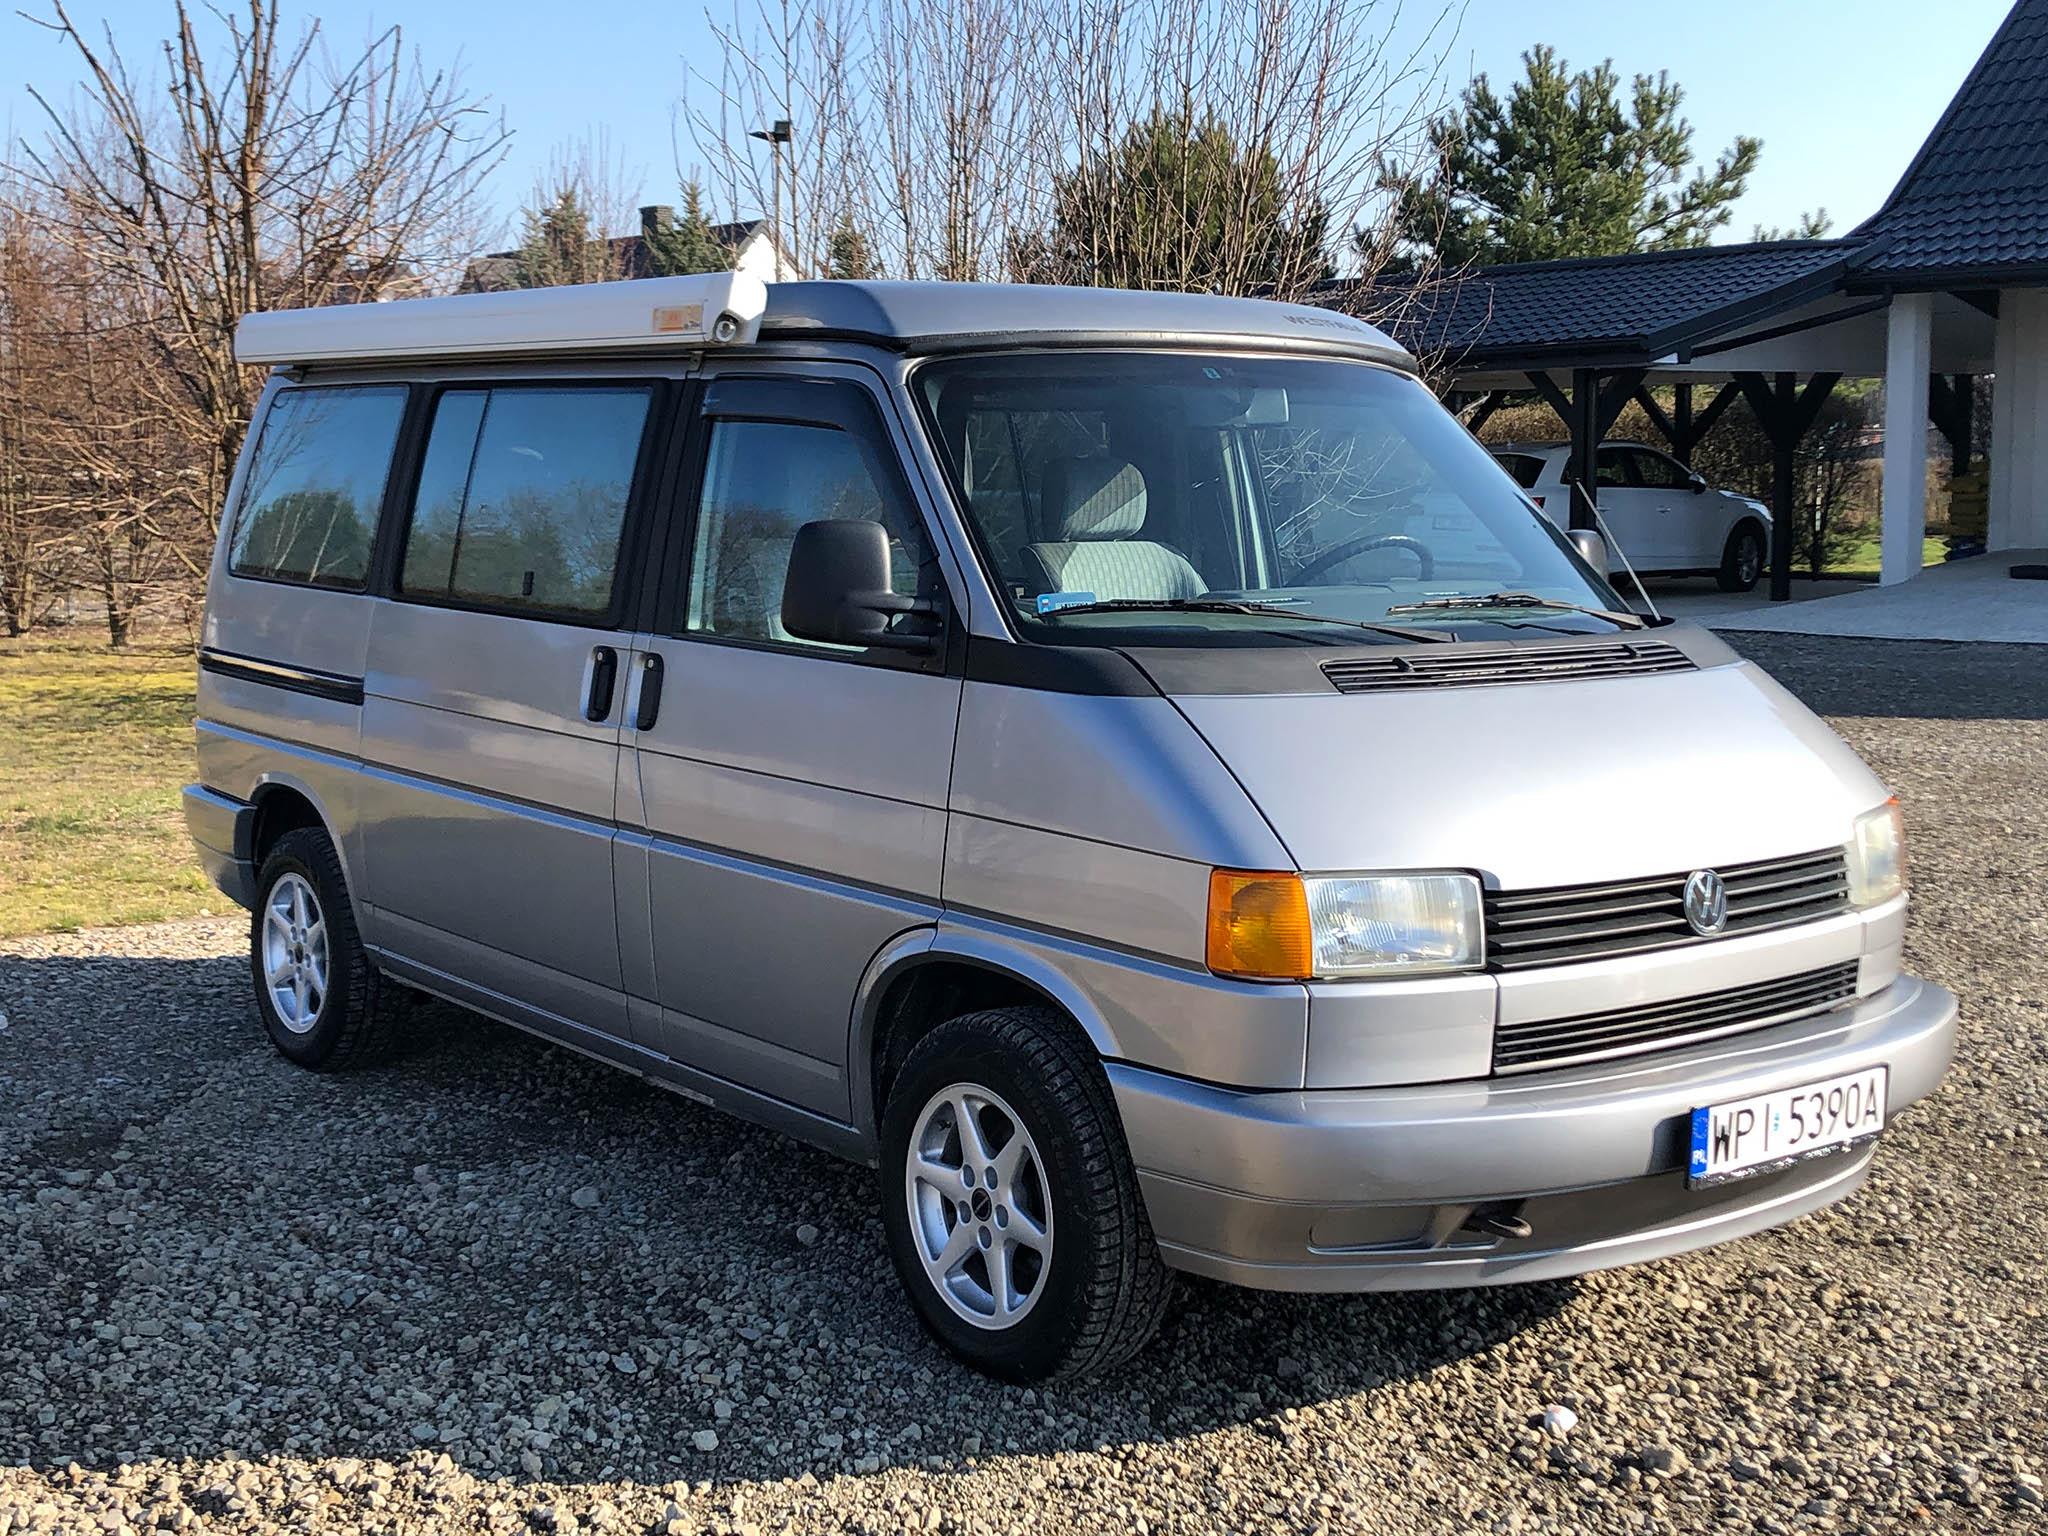 volkswagen eurovan westfalia t4 1993 - sprzedany - giełda